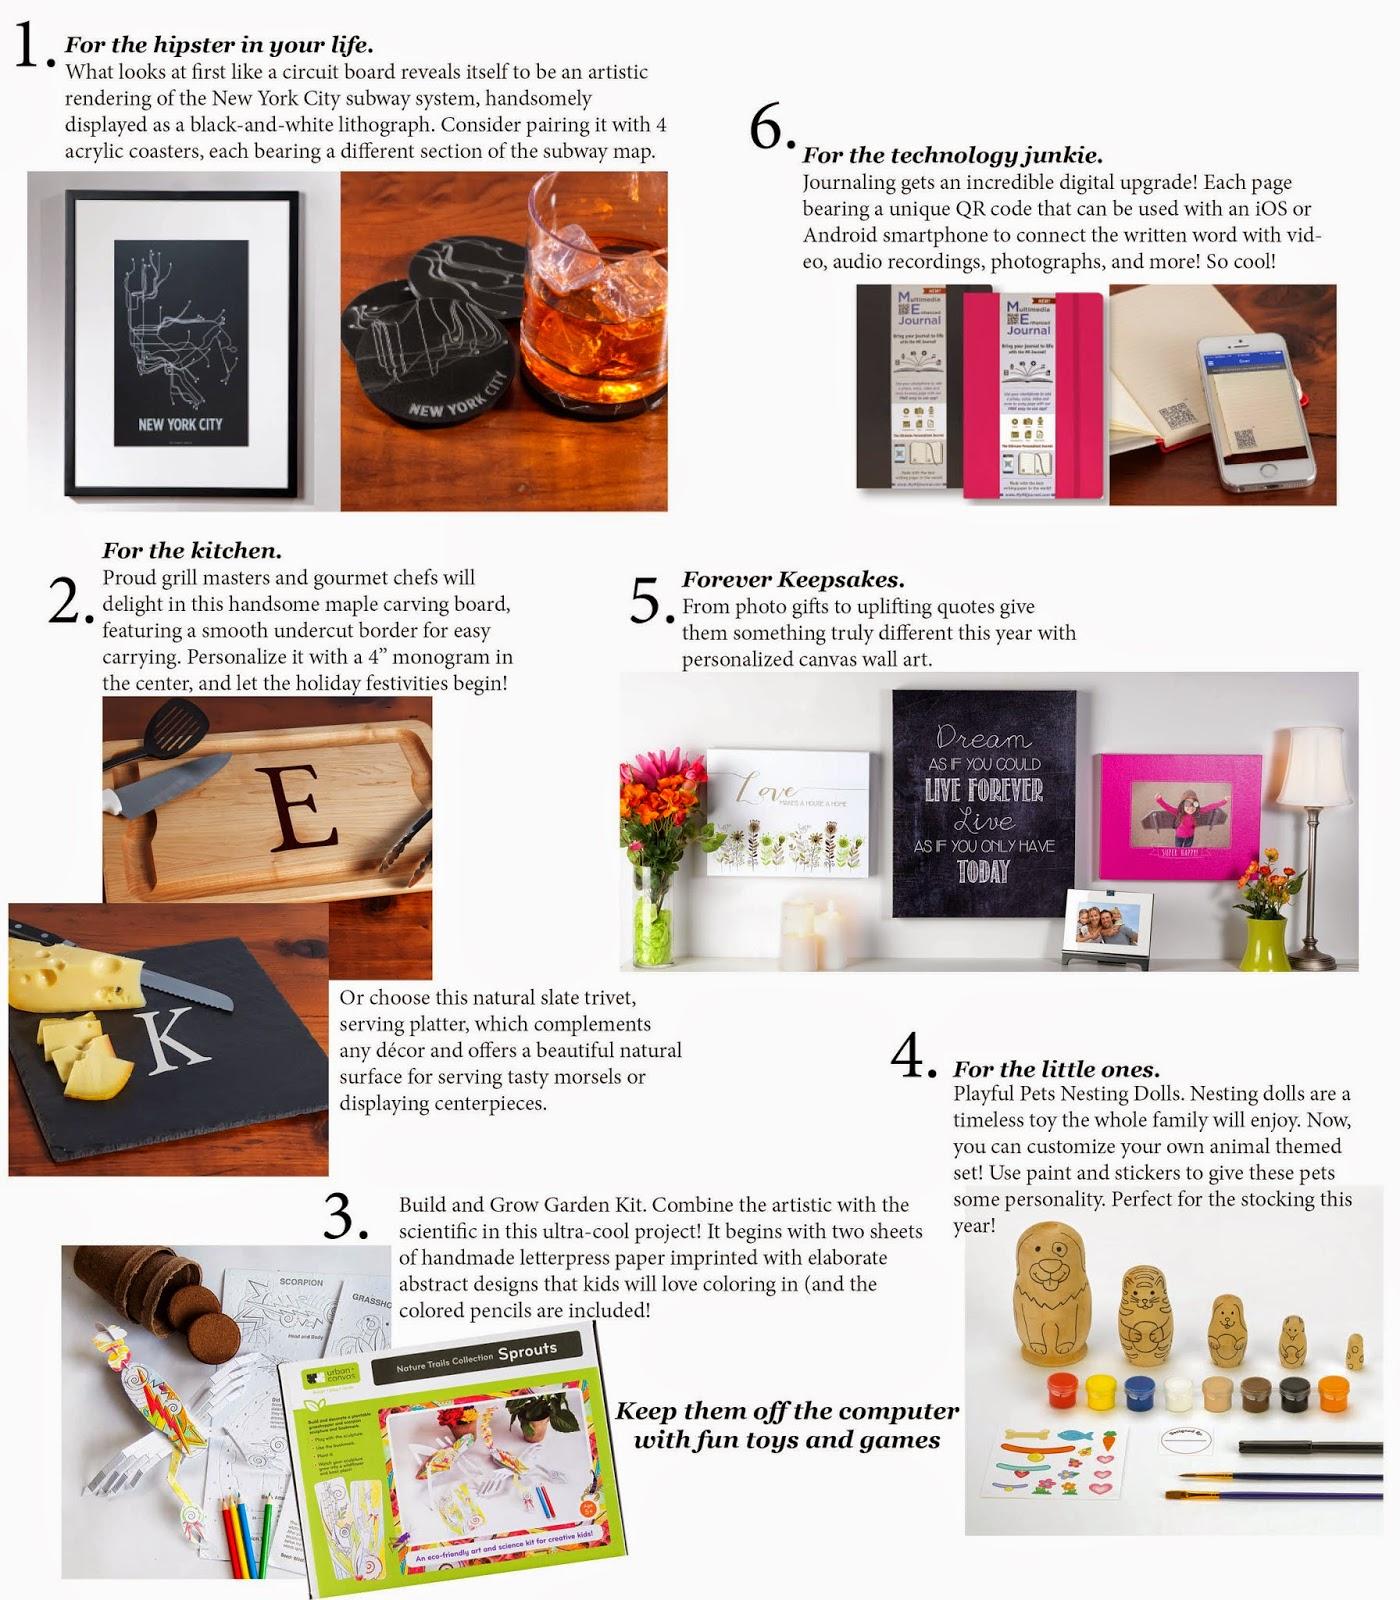 www.einvite.com/gifts/